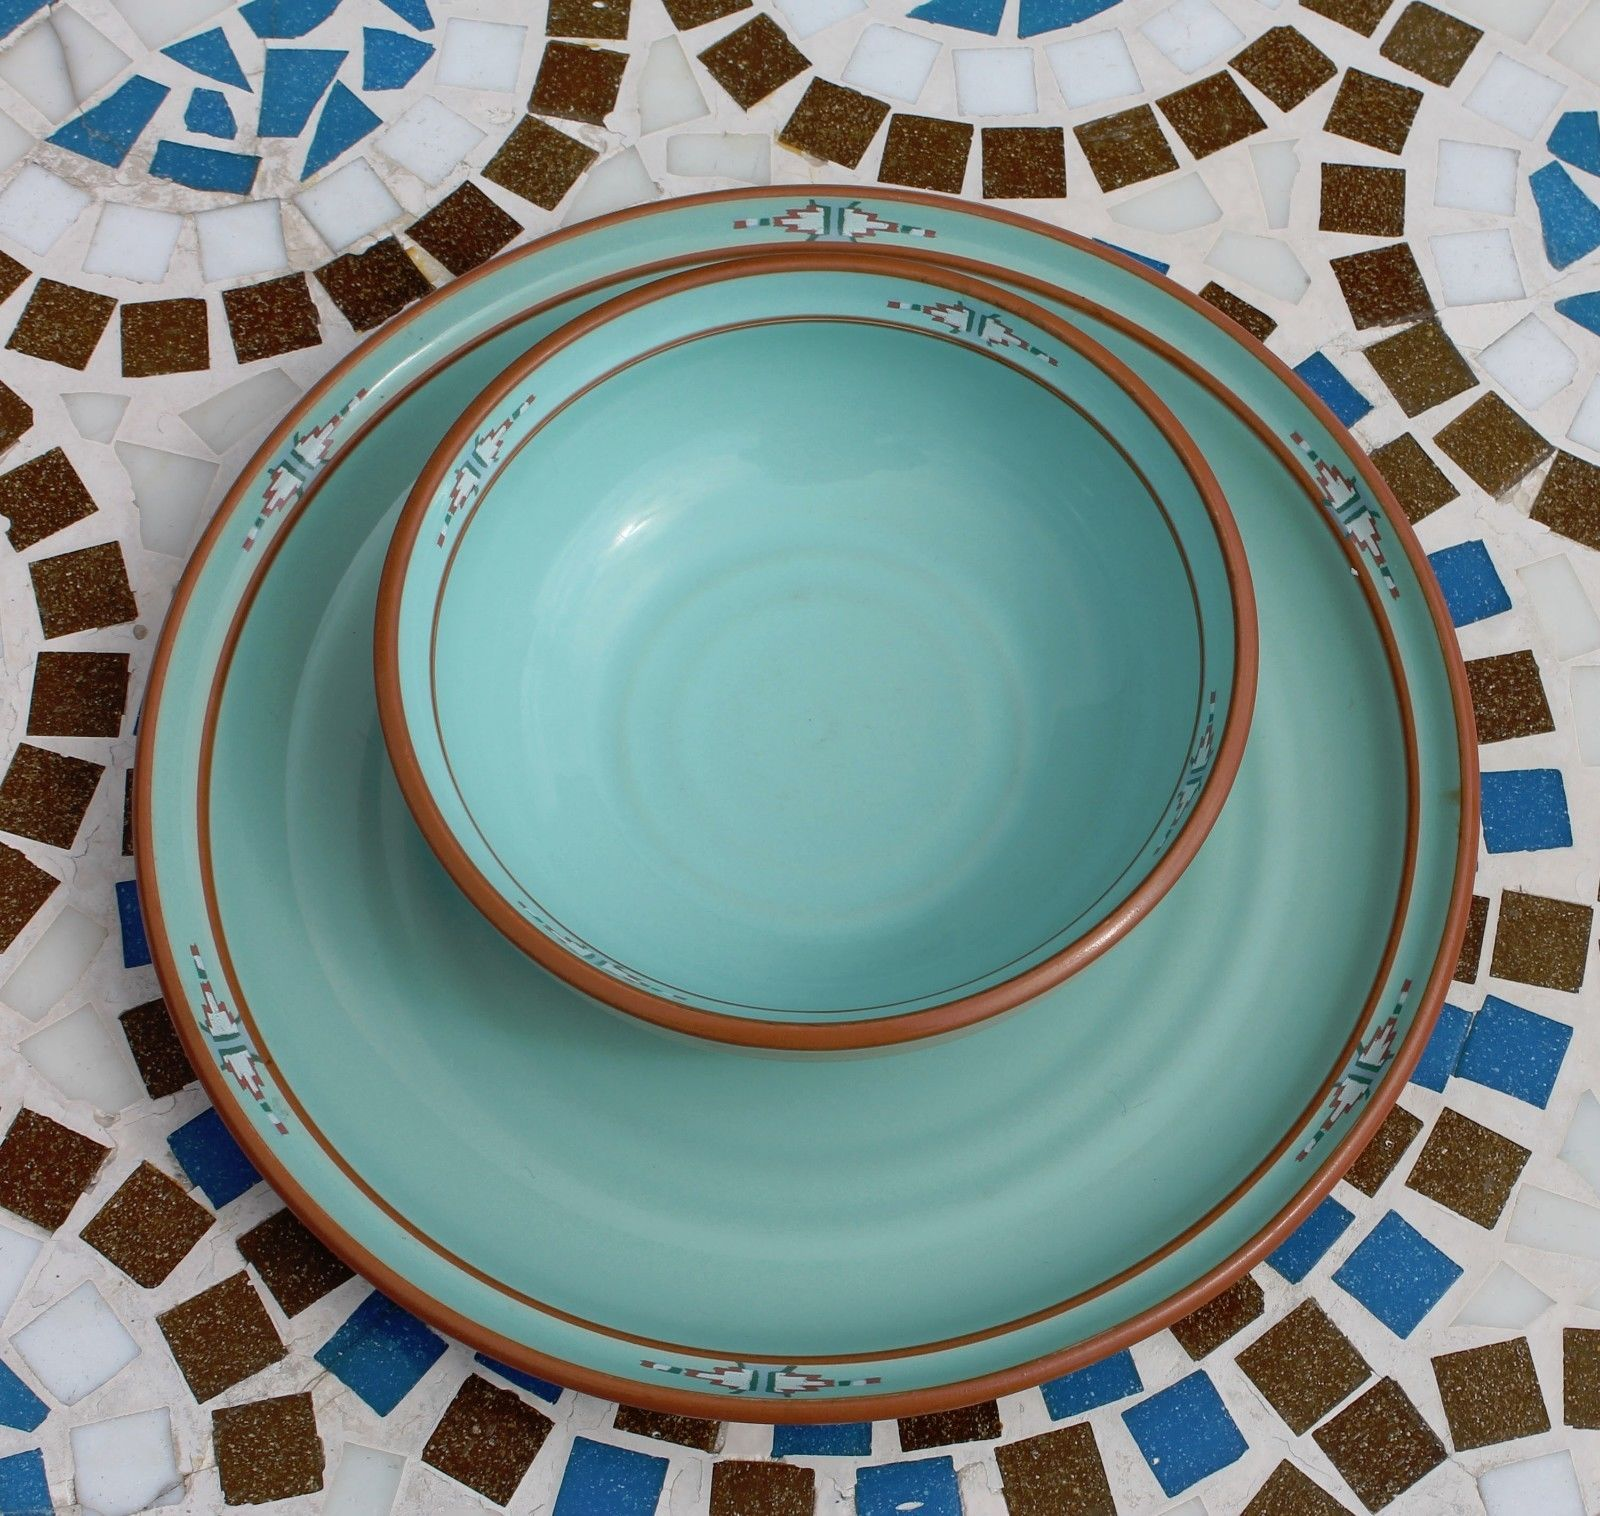 Noritake Stoneware Japan Dinner Plate & Cereal Soup Bowl Boulder Ridge Turquoise image 2